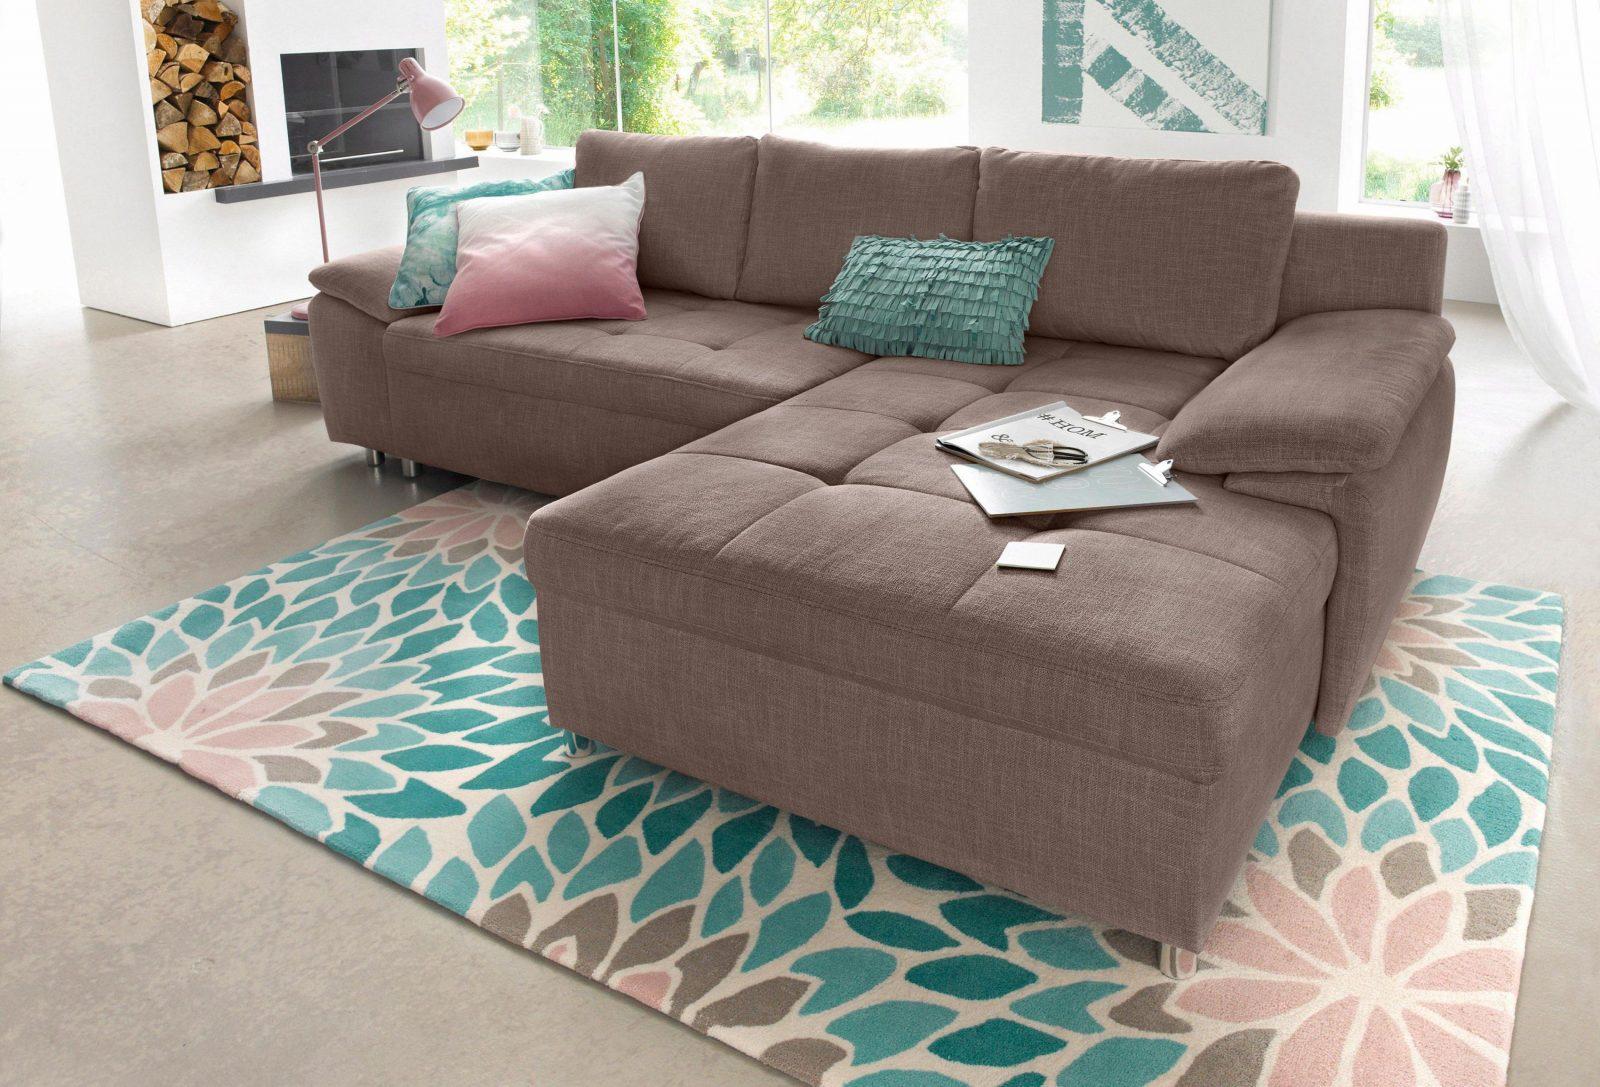 Sit & More Polsterecke Xxl Labene Wahlweise Mit Bettfunktion von Sit & More Polsterecke Bild